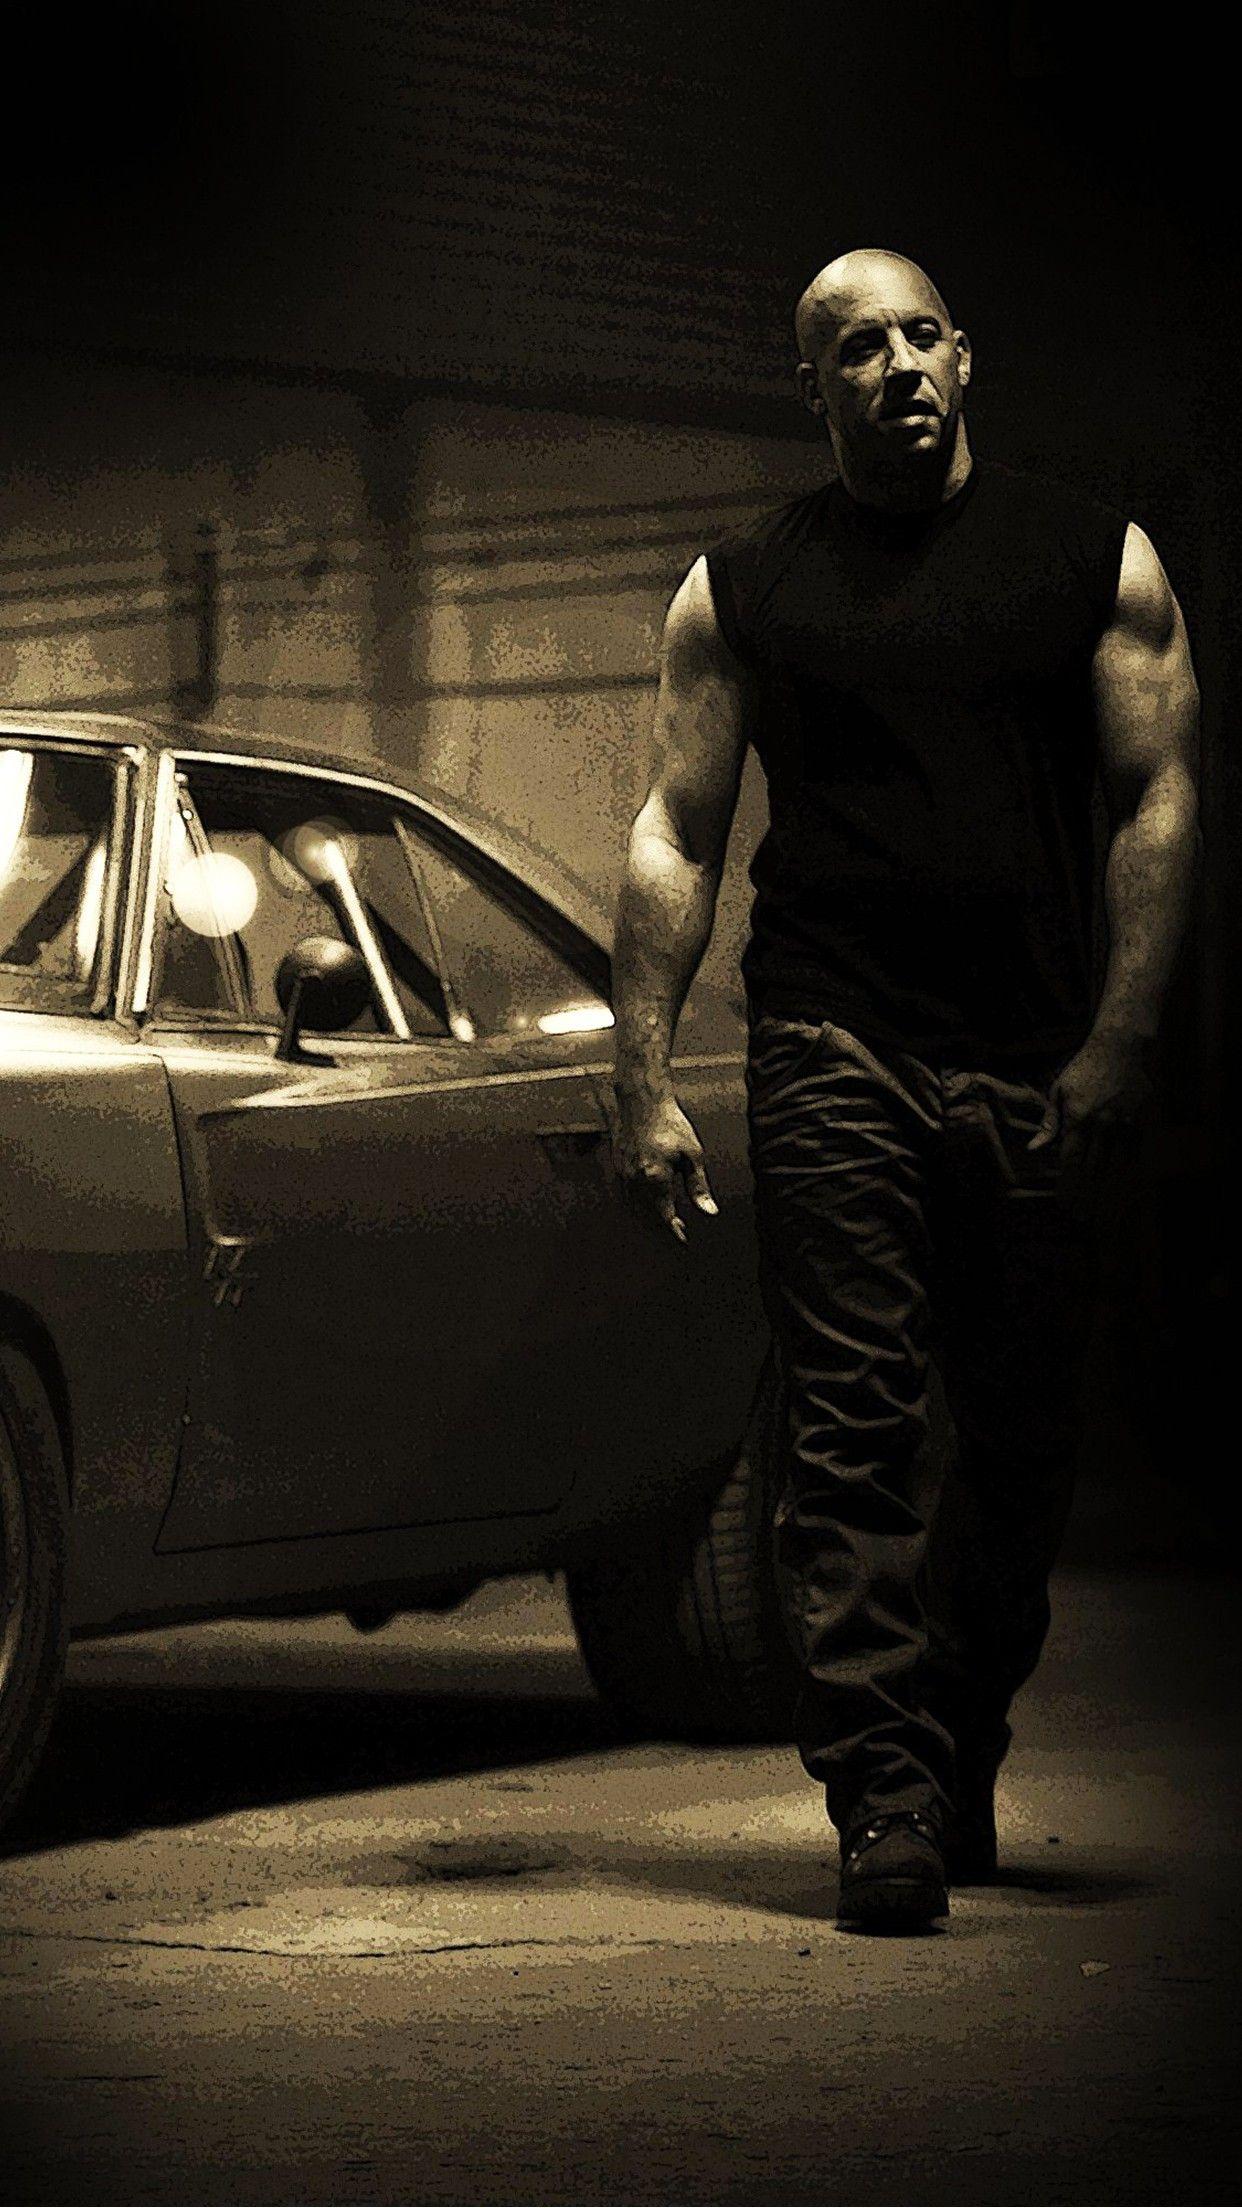 Elegant Vin Diesel Hd Iphone Wallpaper Vin Diesel Fast And Furious Diesel